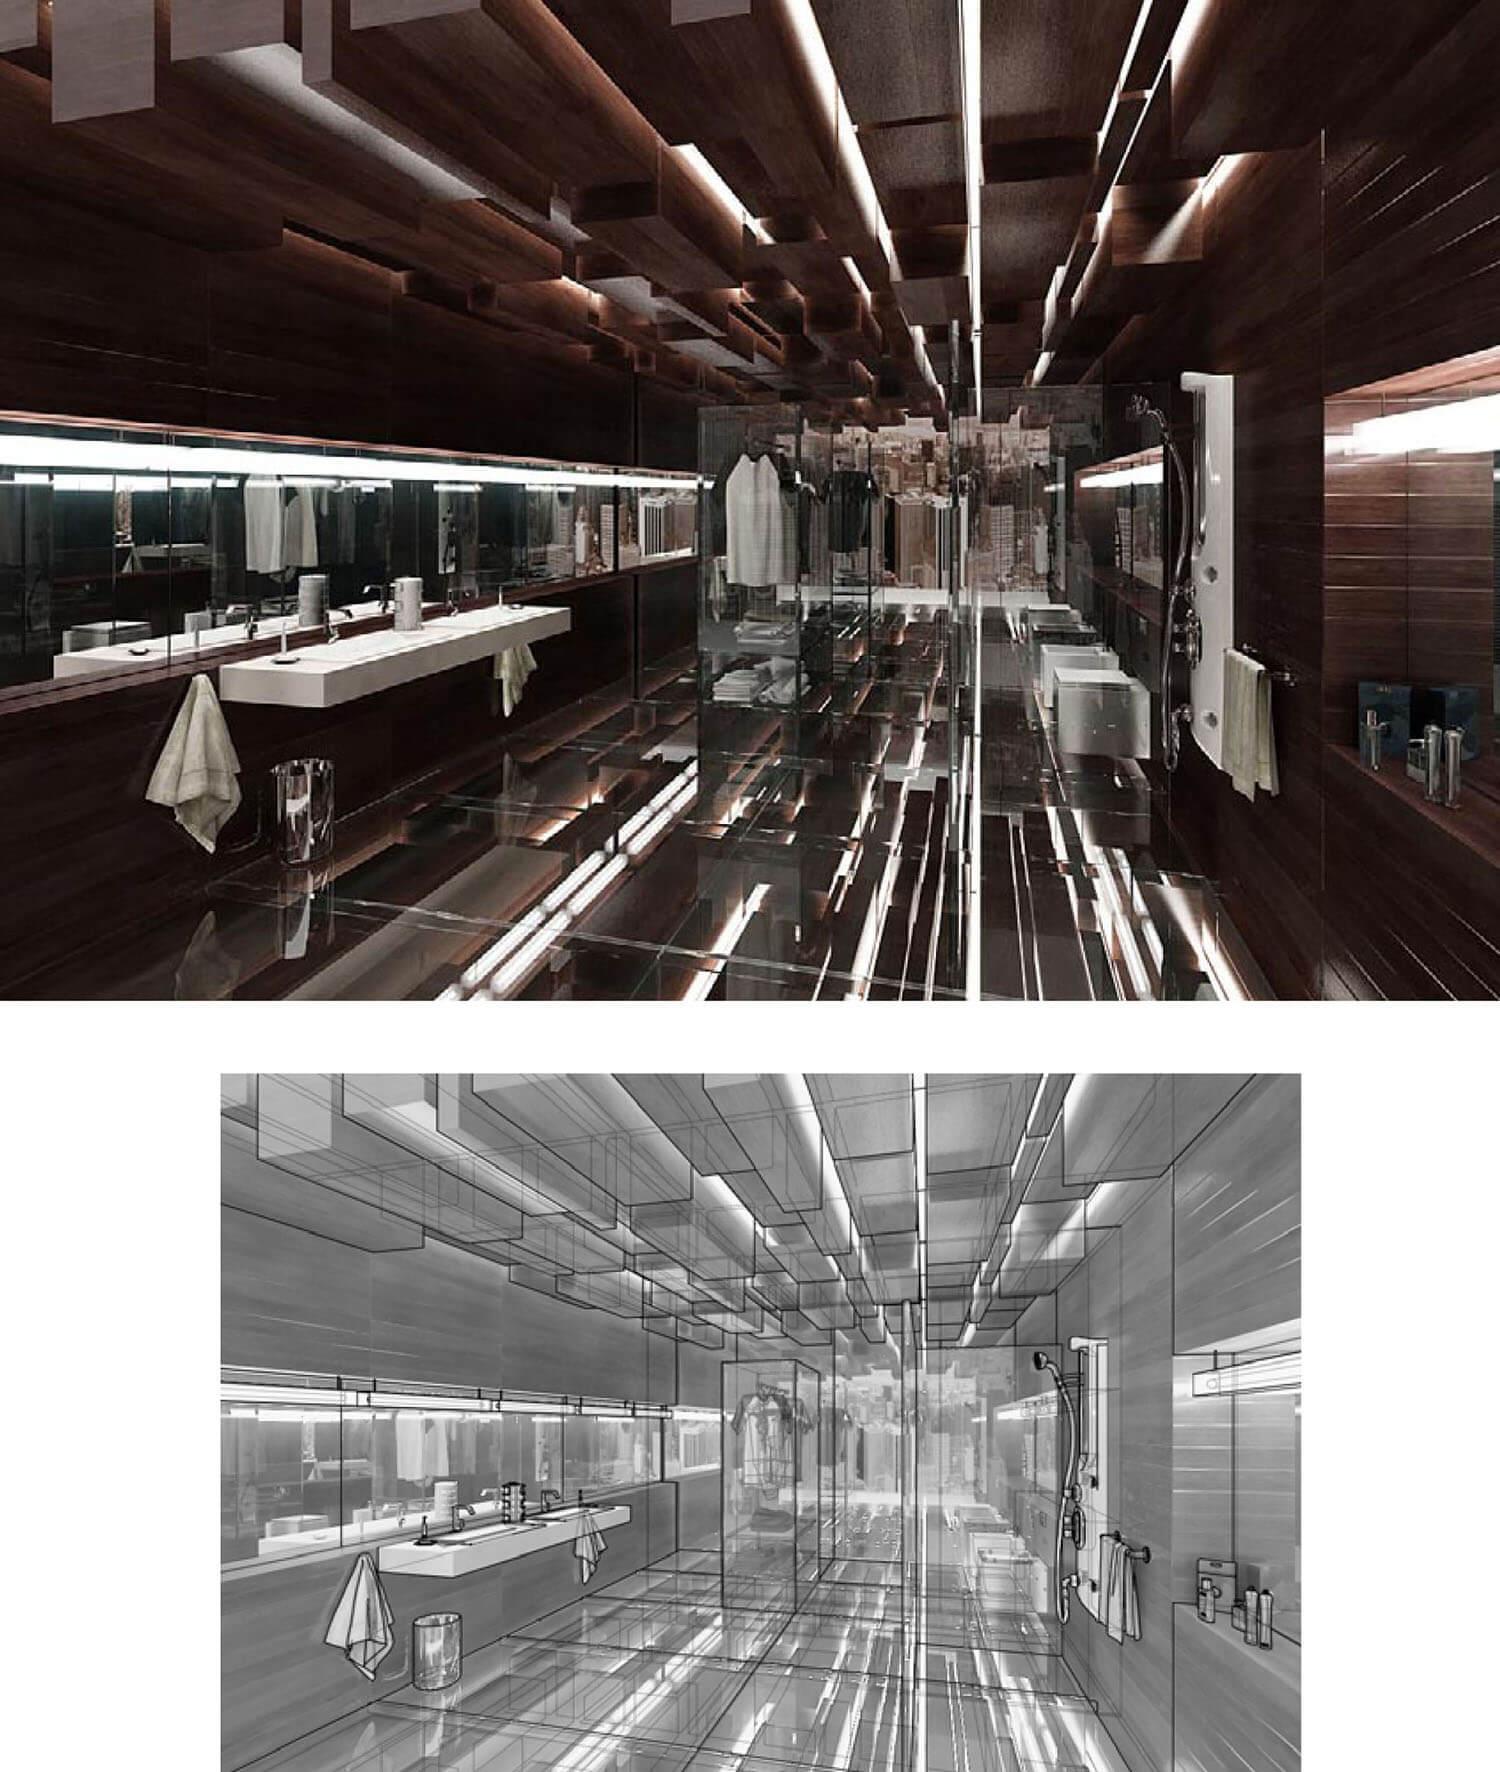 Trần phòng tắm được trang trí bằng trần gỗ